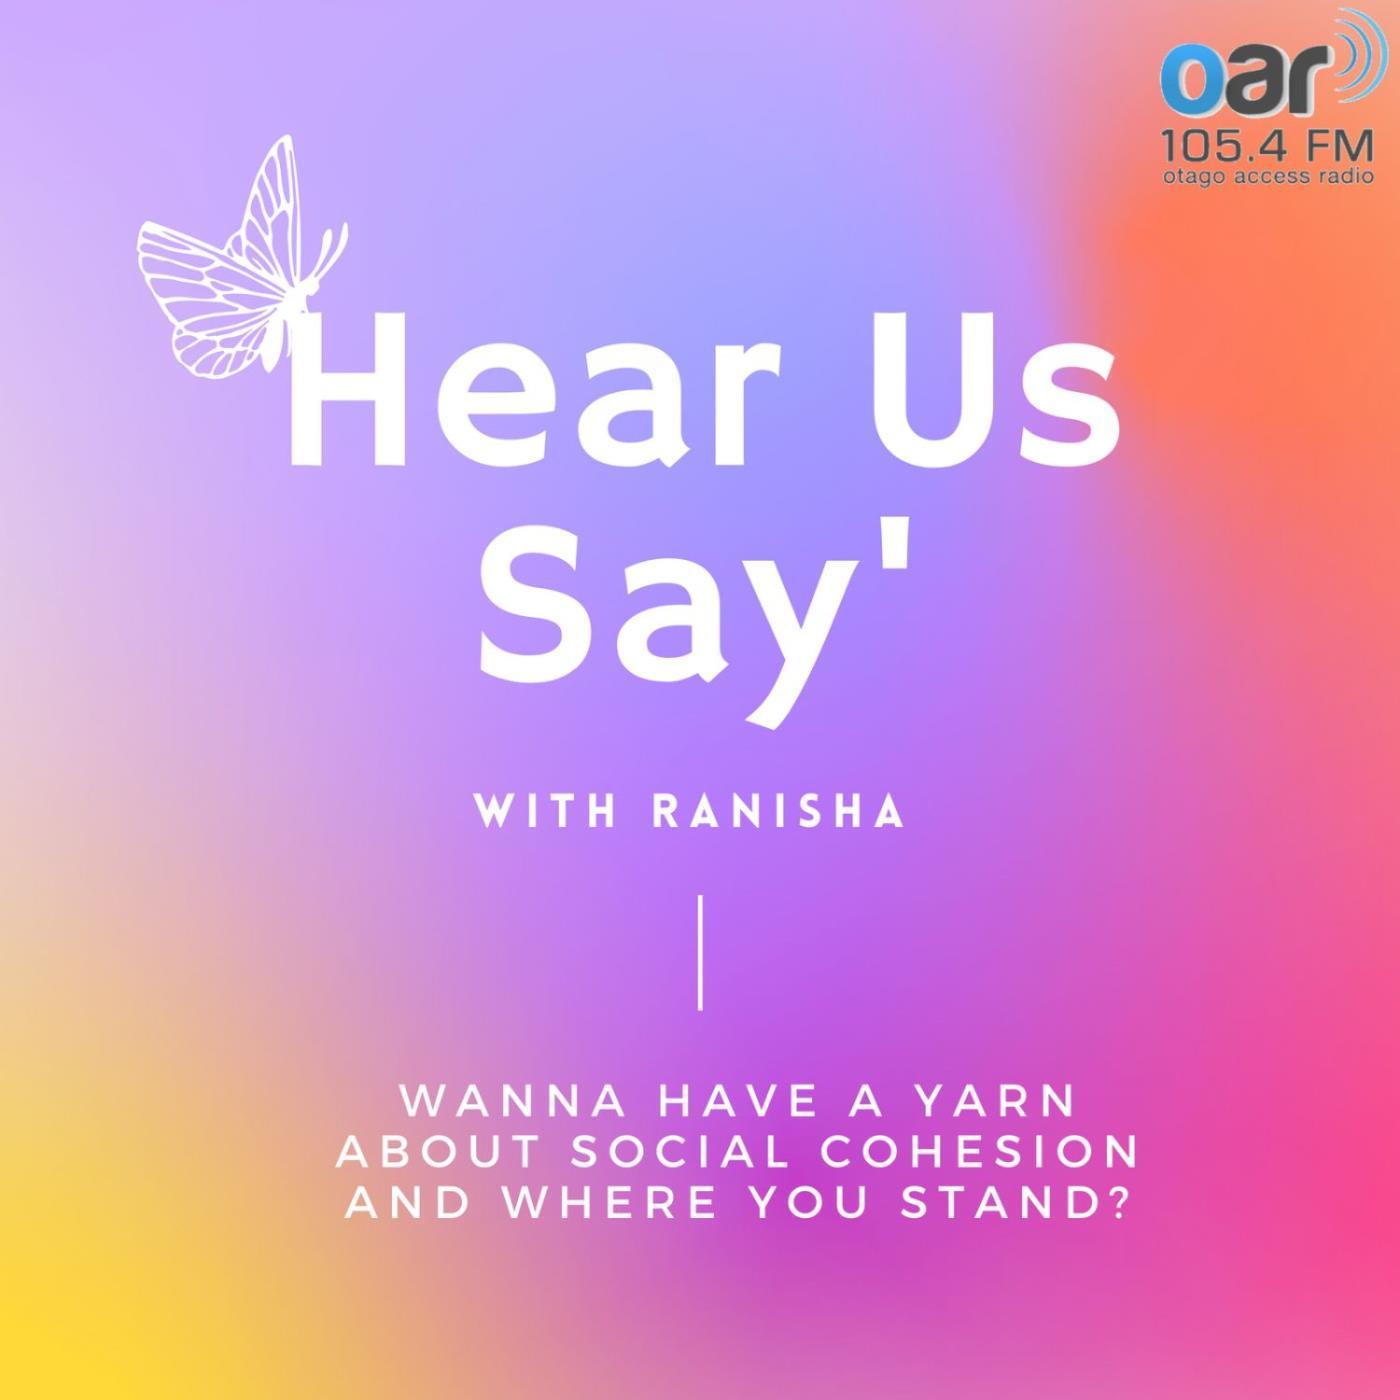 Hear Us Say with Ranisha on Youth Zone